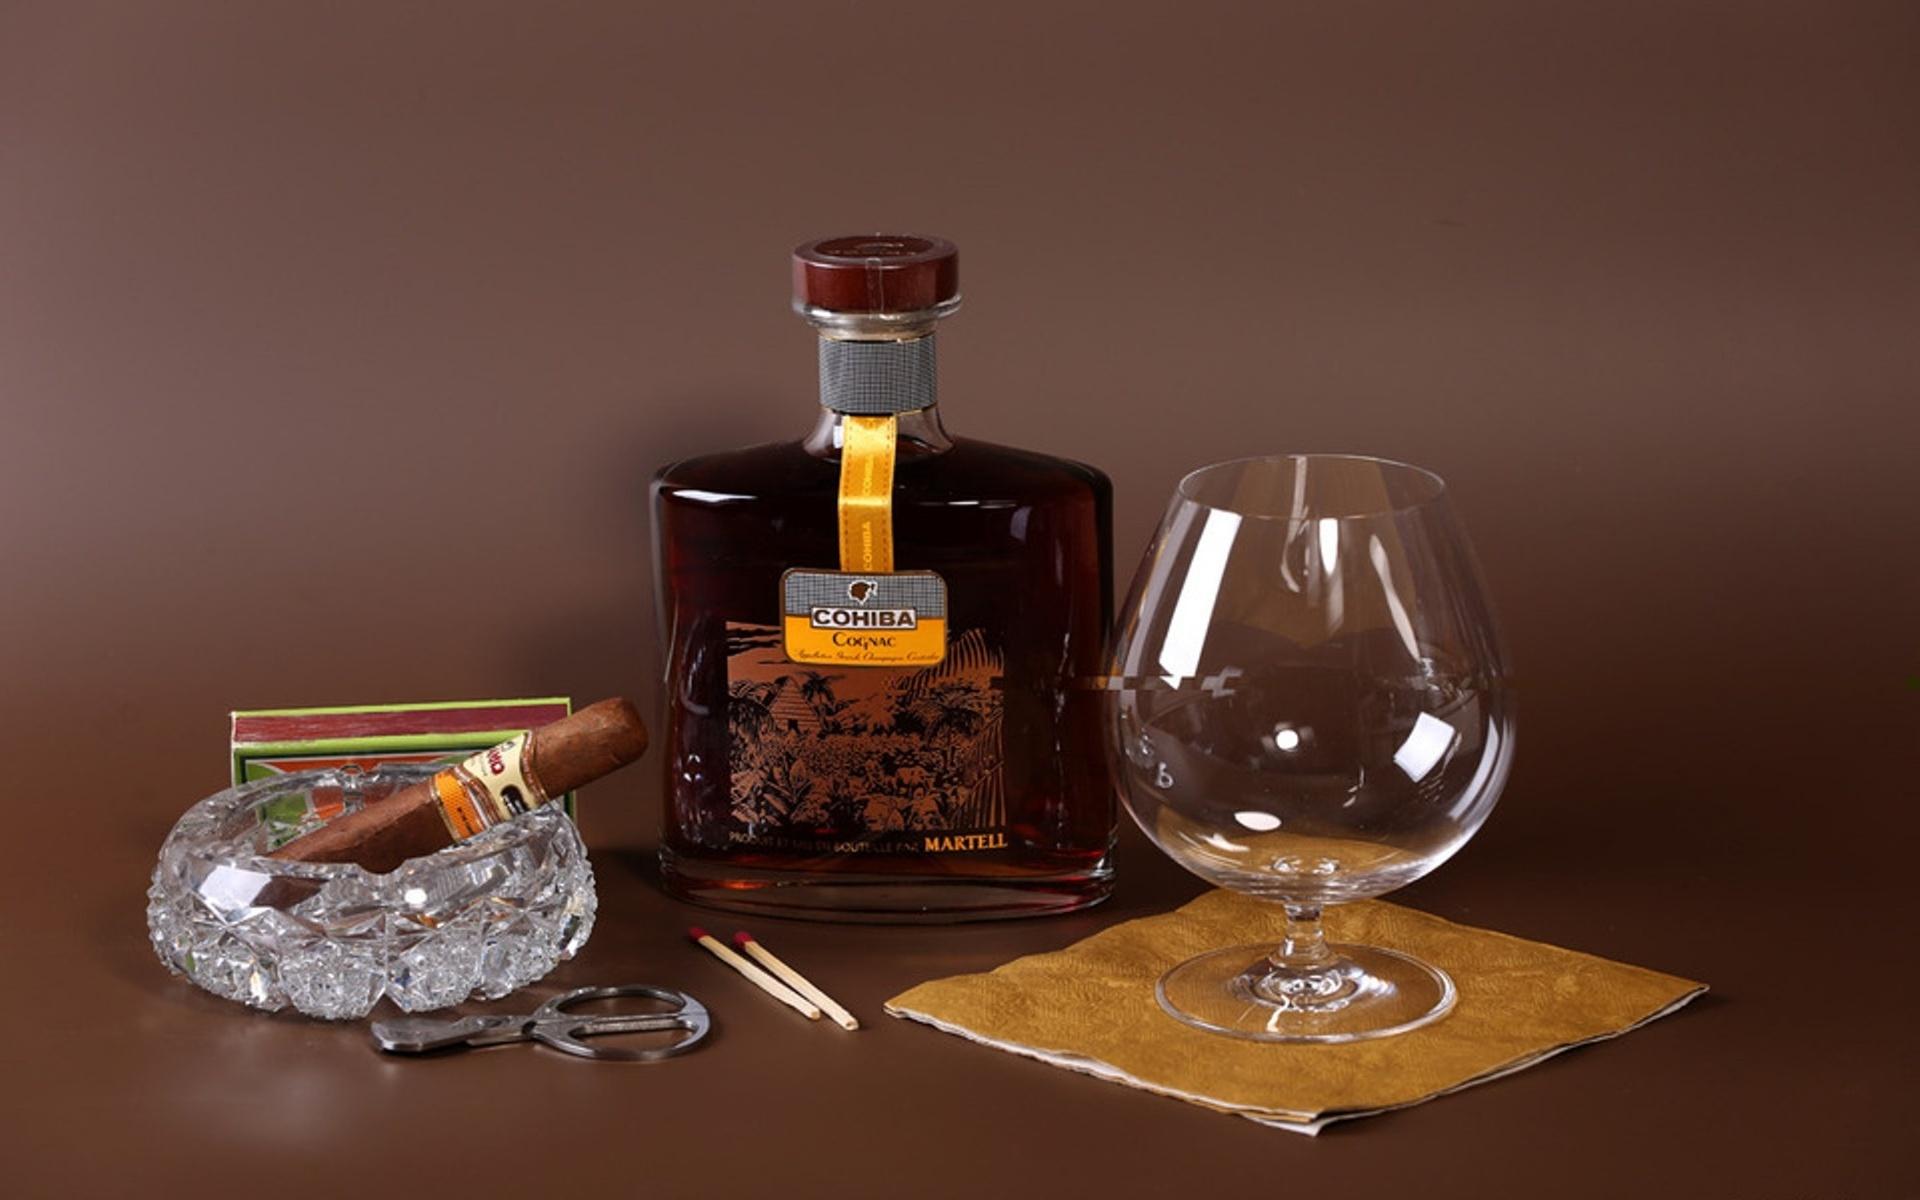 сочетаются картинки бутылки коньяка на столе обеда ребята совместно